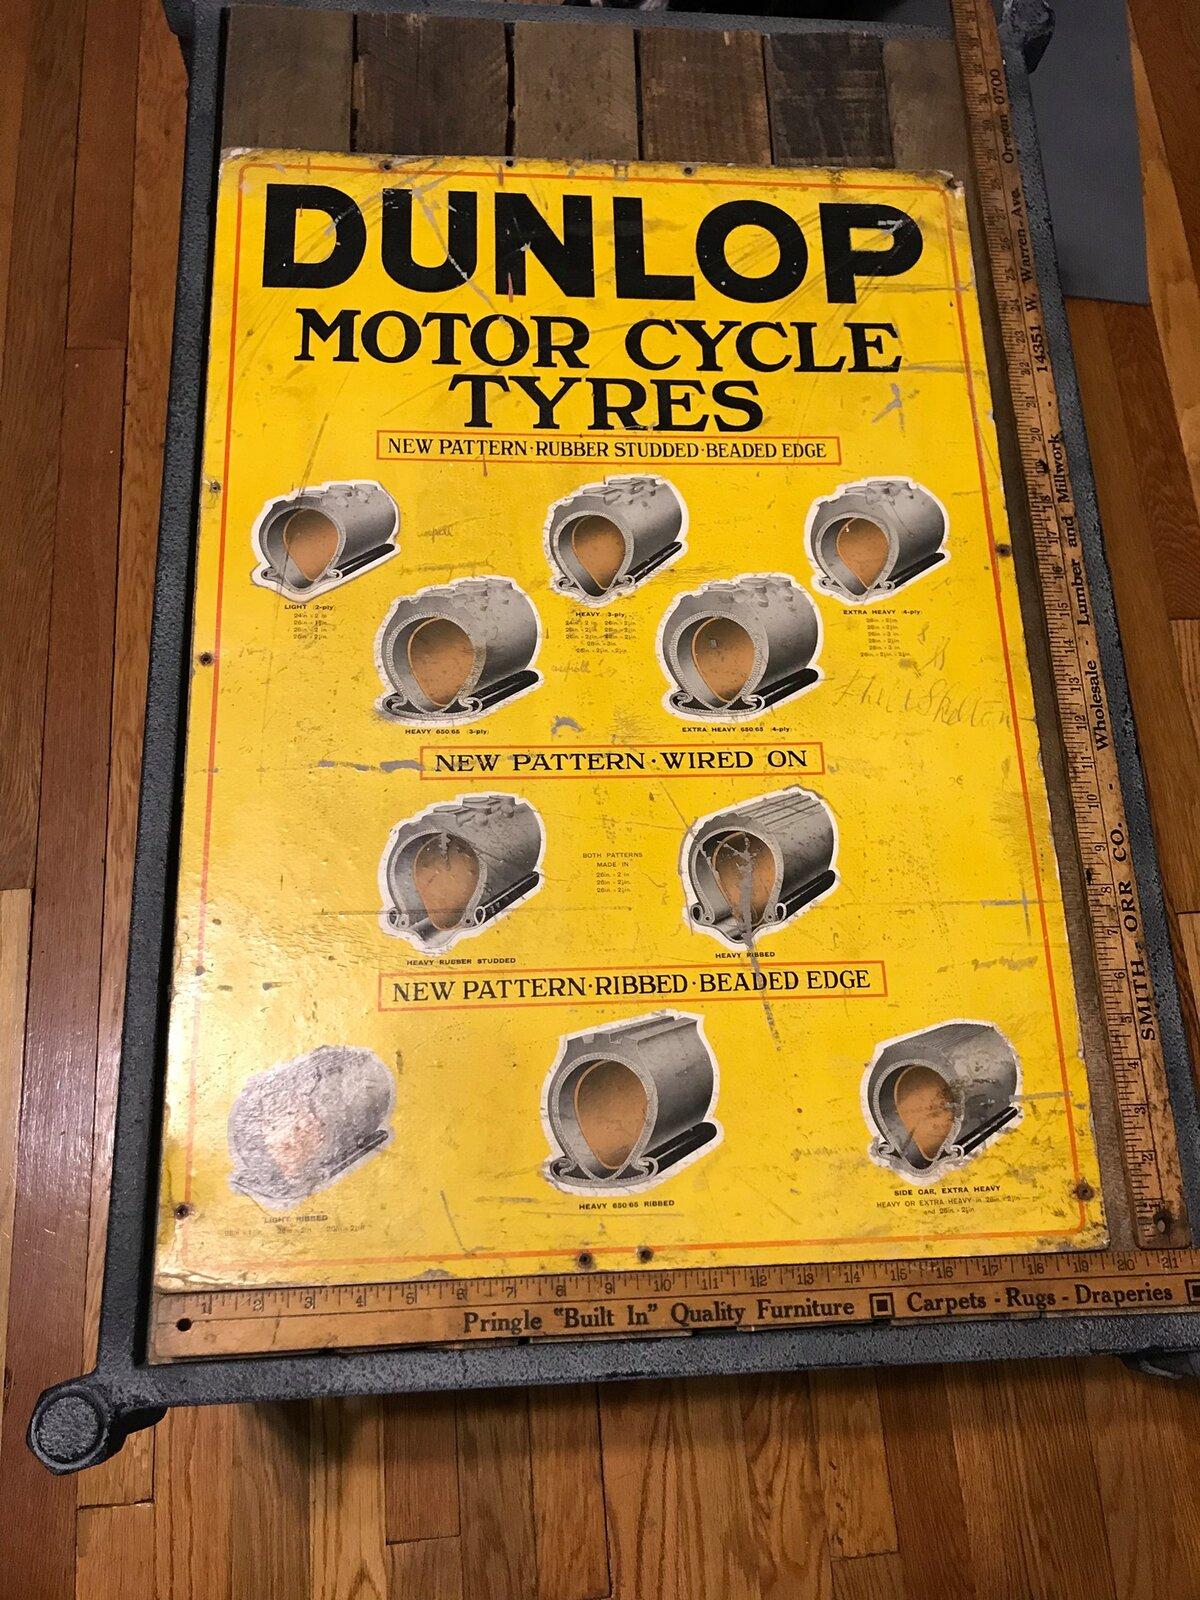 Dunlop Motor Cycle Tyres1.jpg